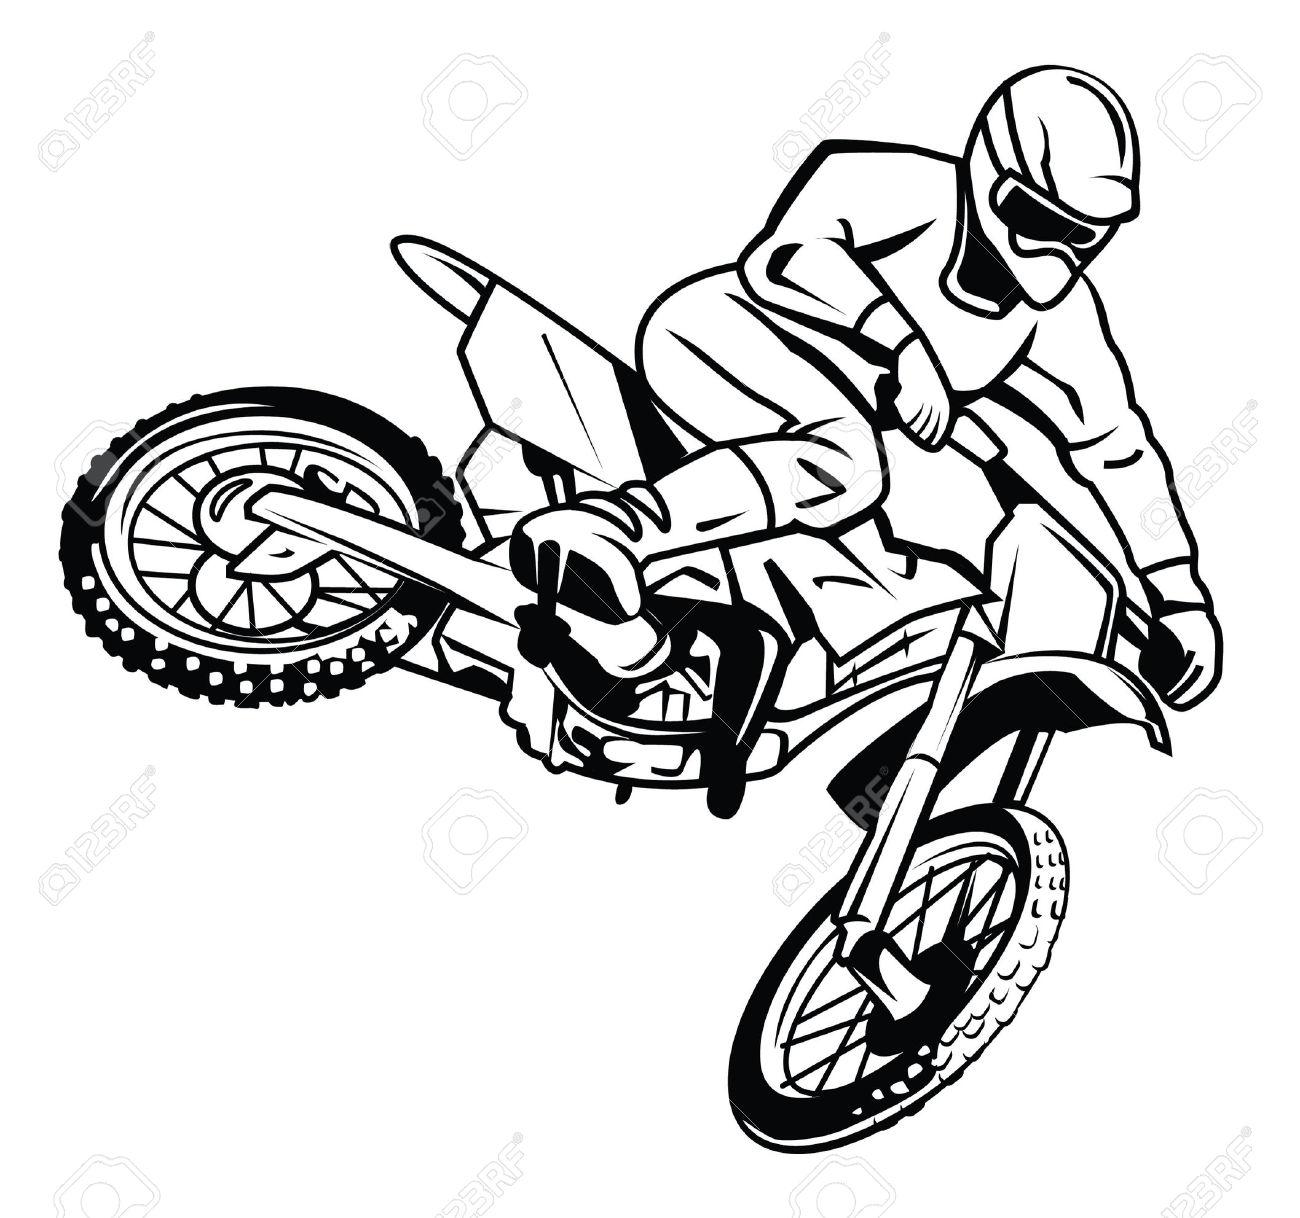 Motorcycle Wheelie Silhouette At Getdrawings